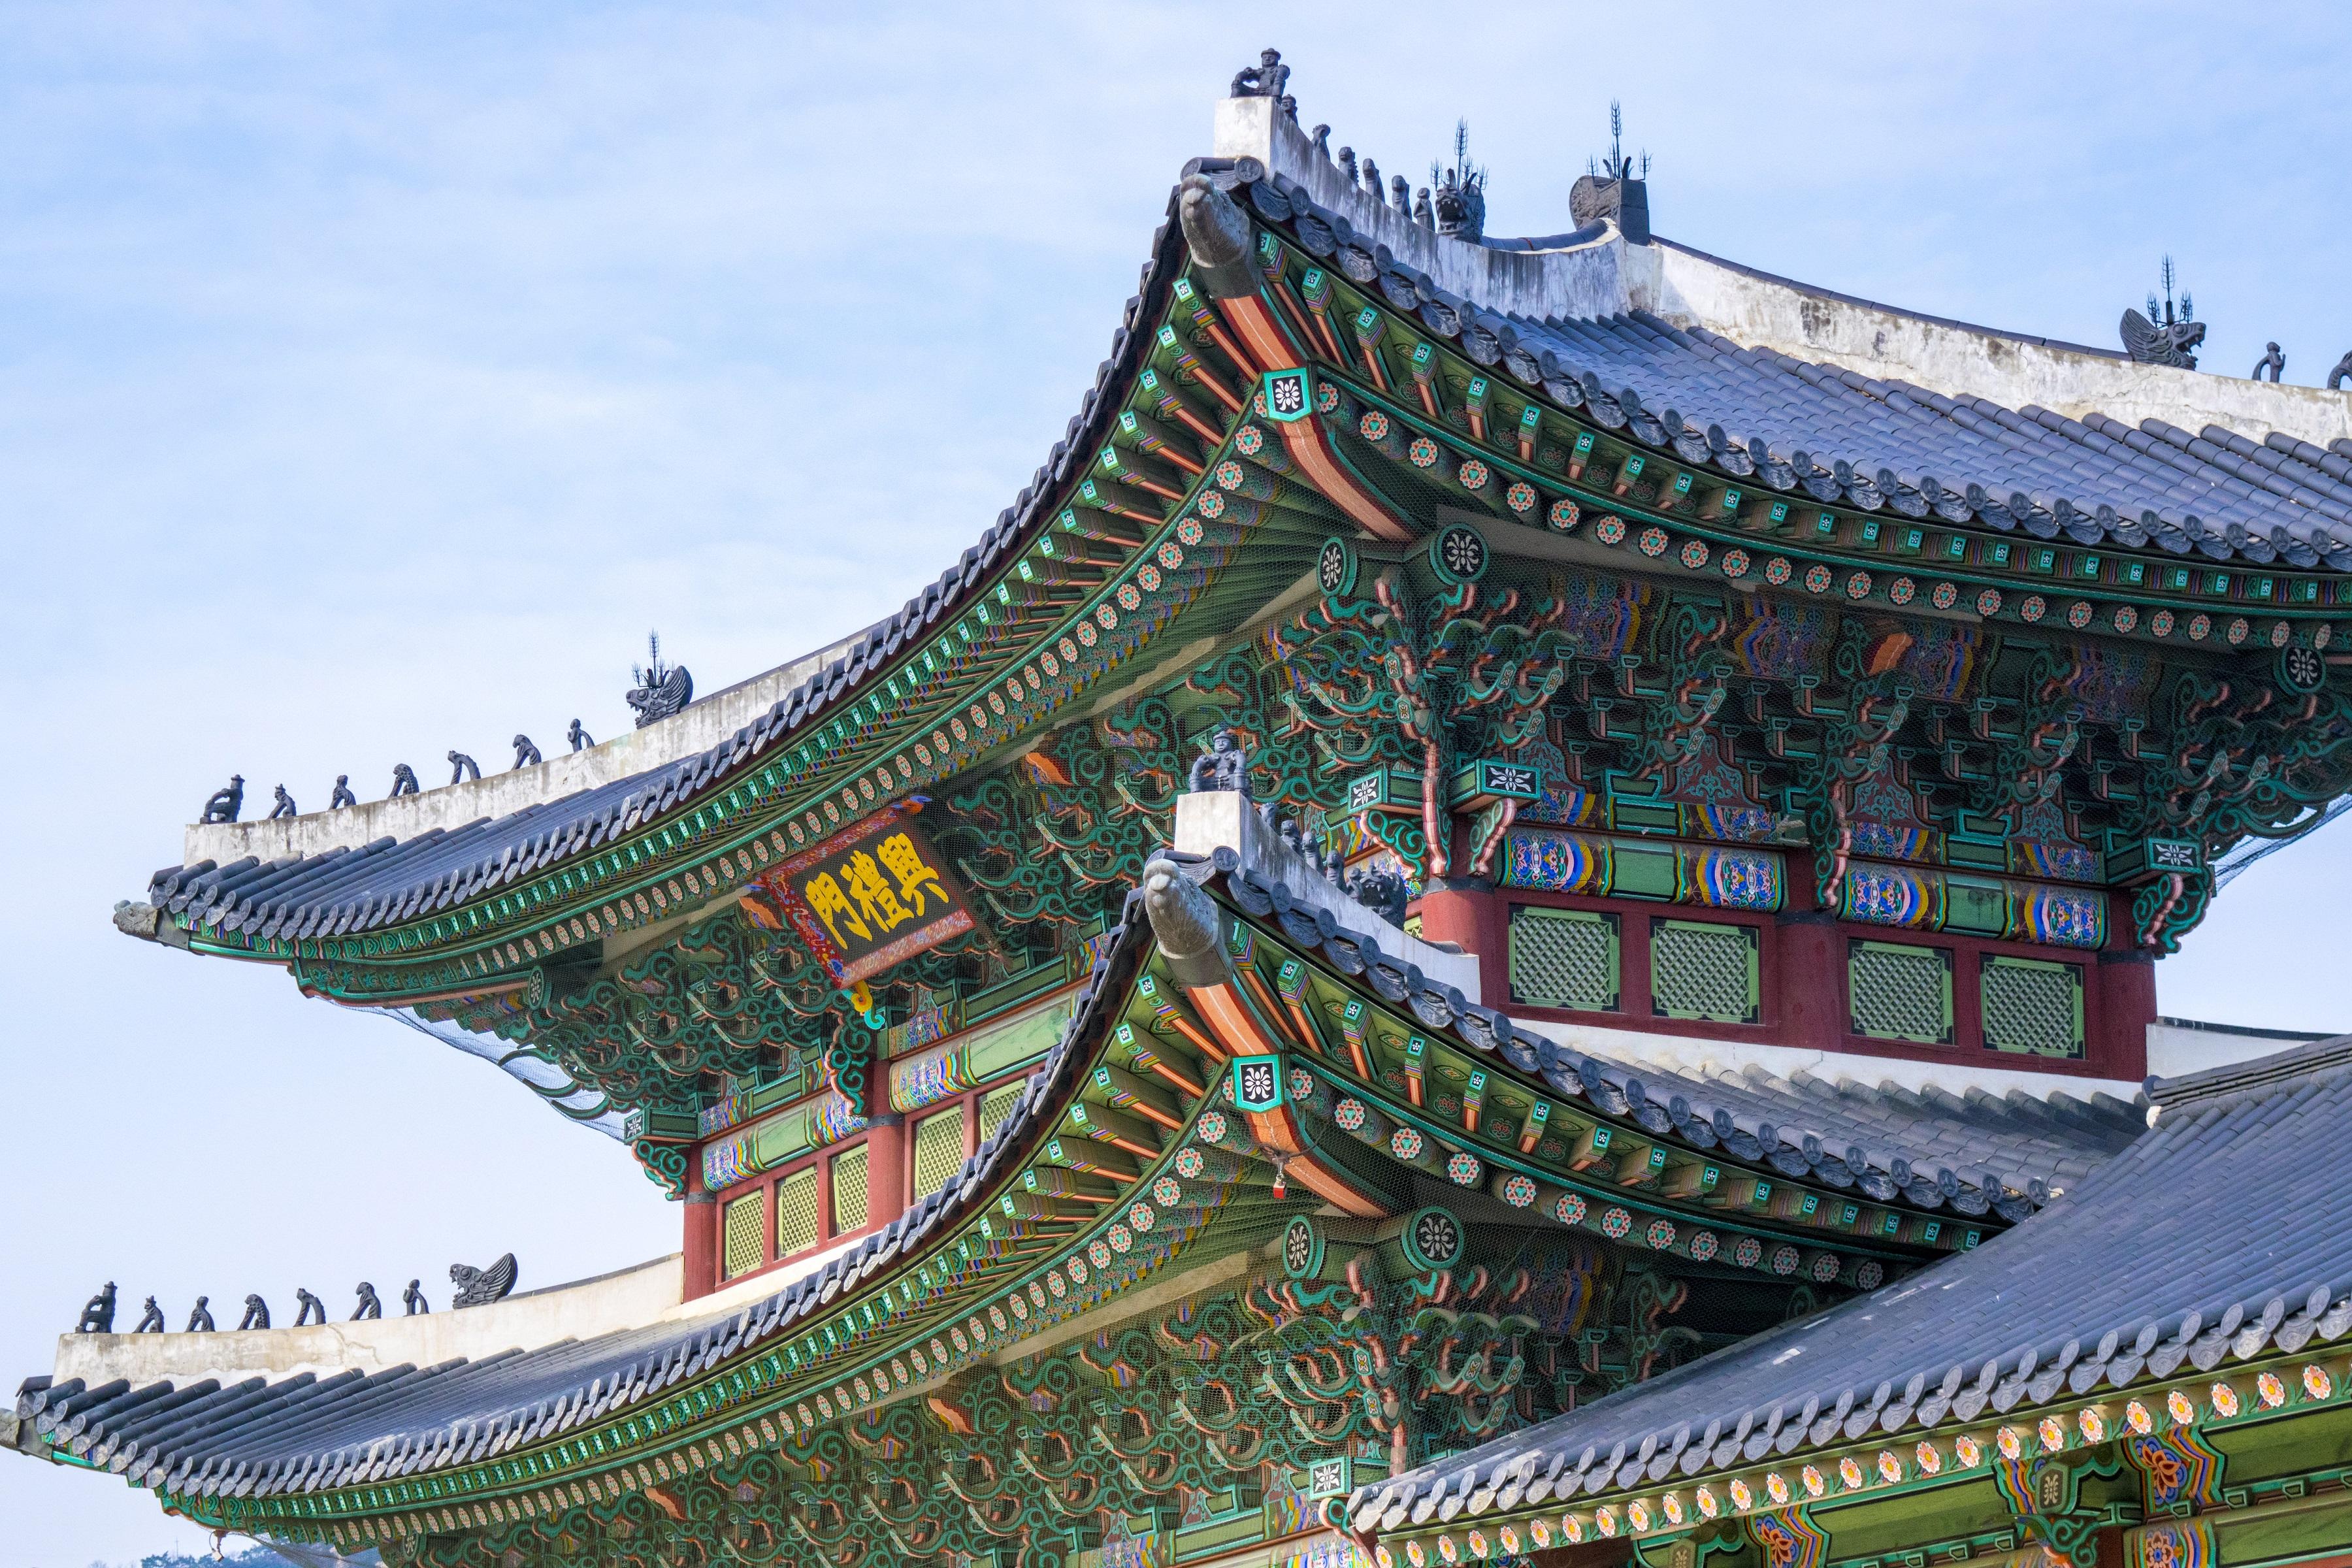 韓国のハーフが紹介するお勧め観光スポットはどこ??穴場観光スポットはここだ!